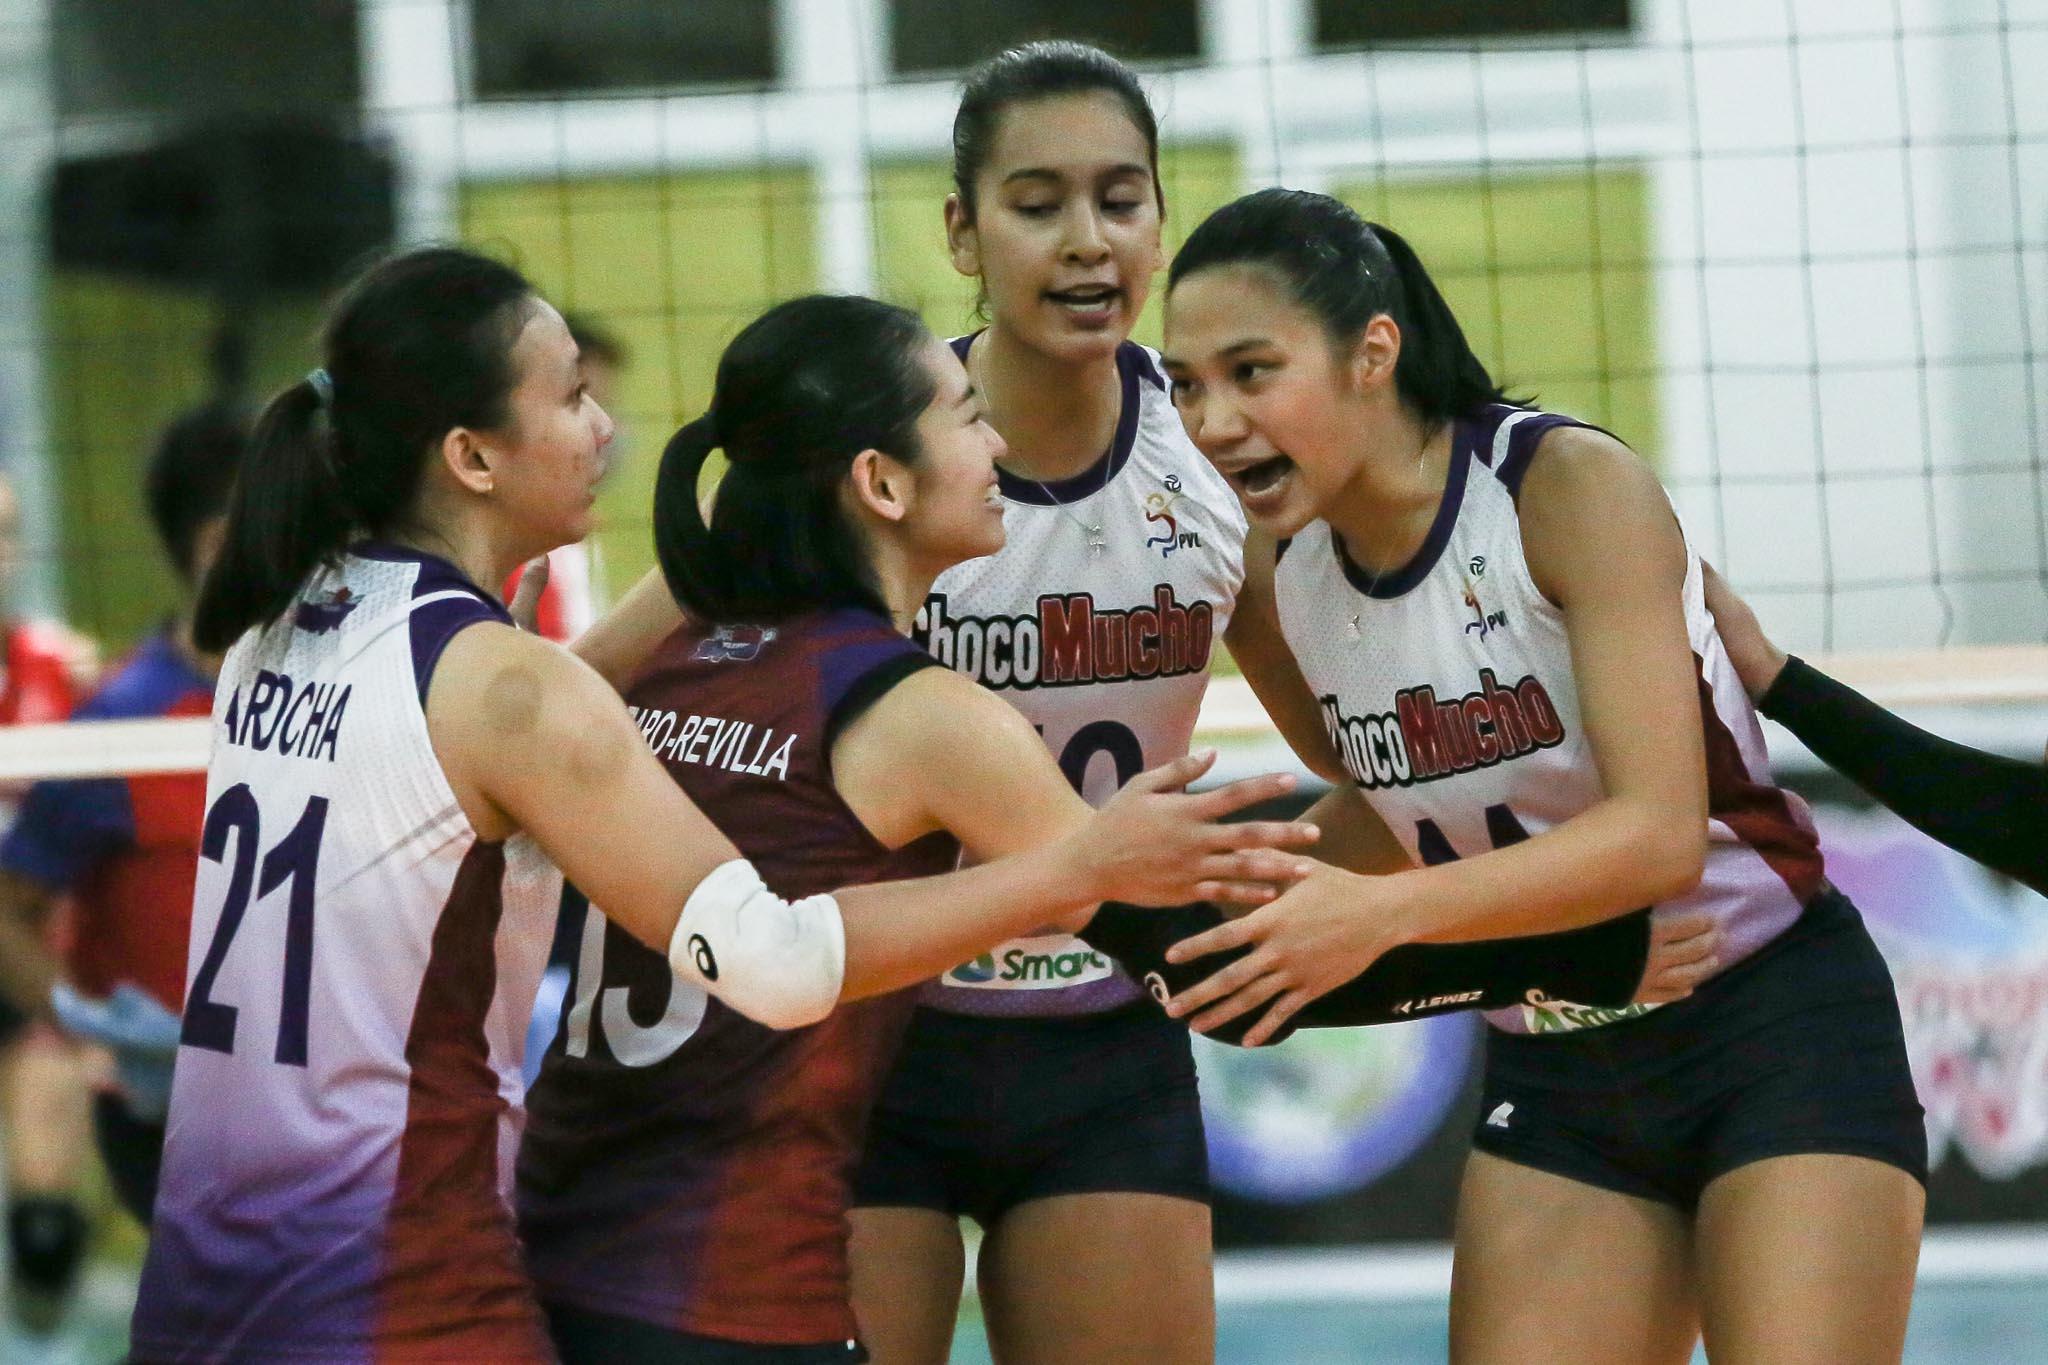 2021-PVL-Open-PLDT-vs-Choco-Mucho-Regine-Arocha-x-Denden-Lazaro-x-Kat-Tolentino-x-Bea-De-Leon Kat Tolentino believes having Ateneo core in Choco Mucho is their advantage News PVL Volleyball  - philippine sports news